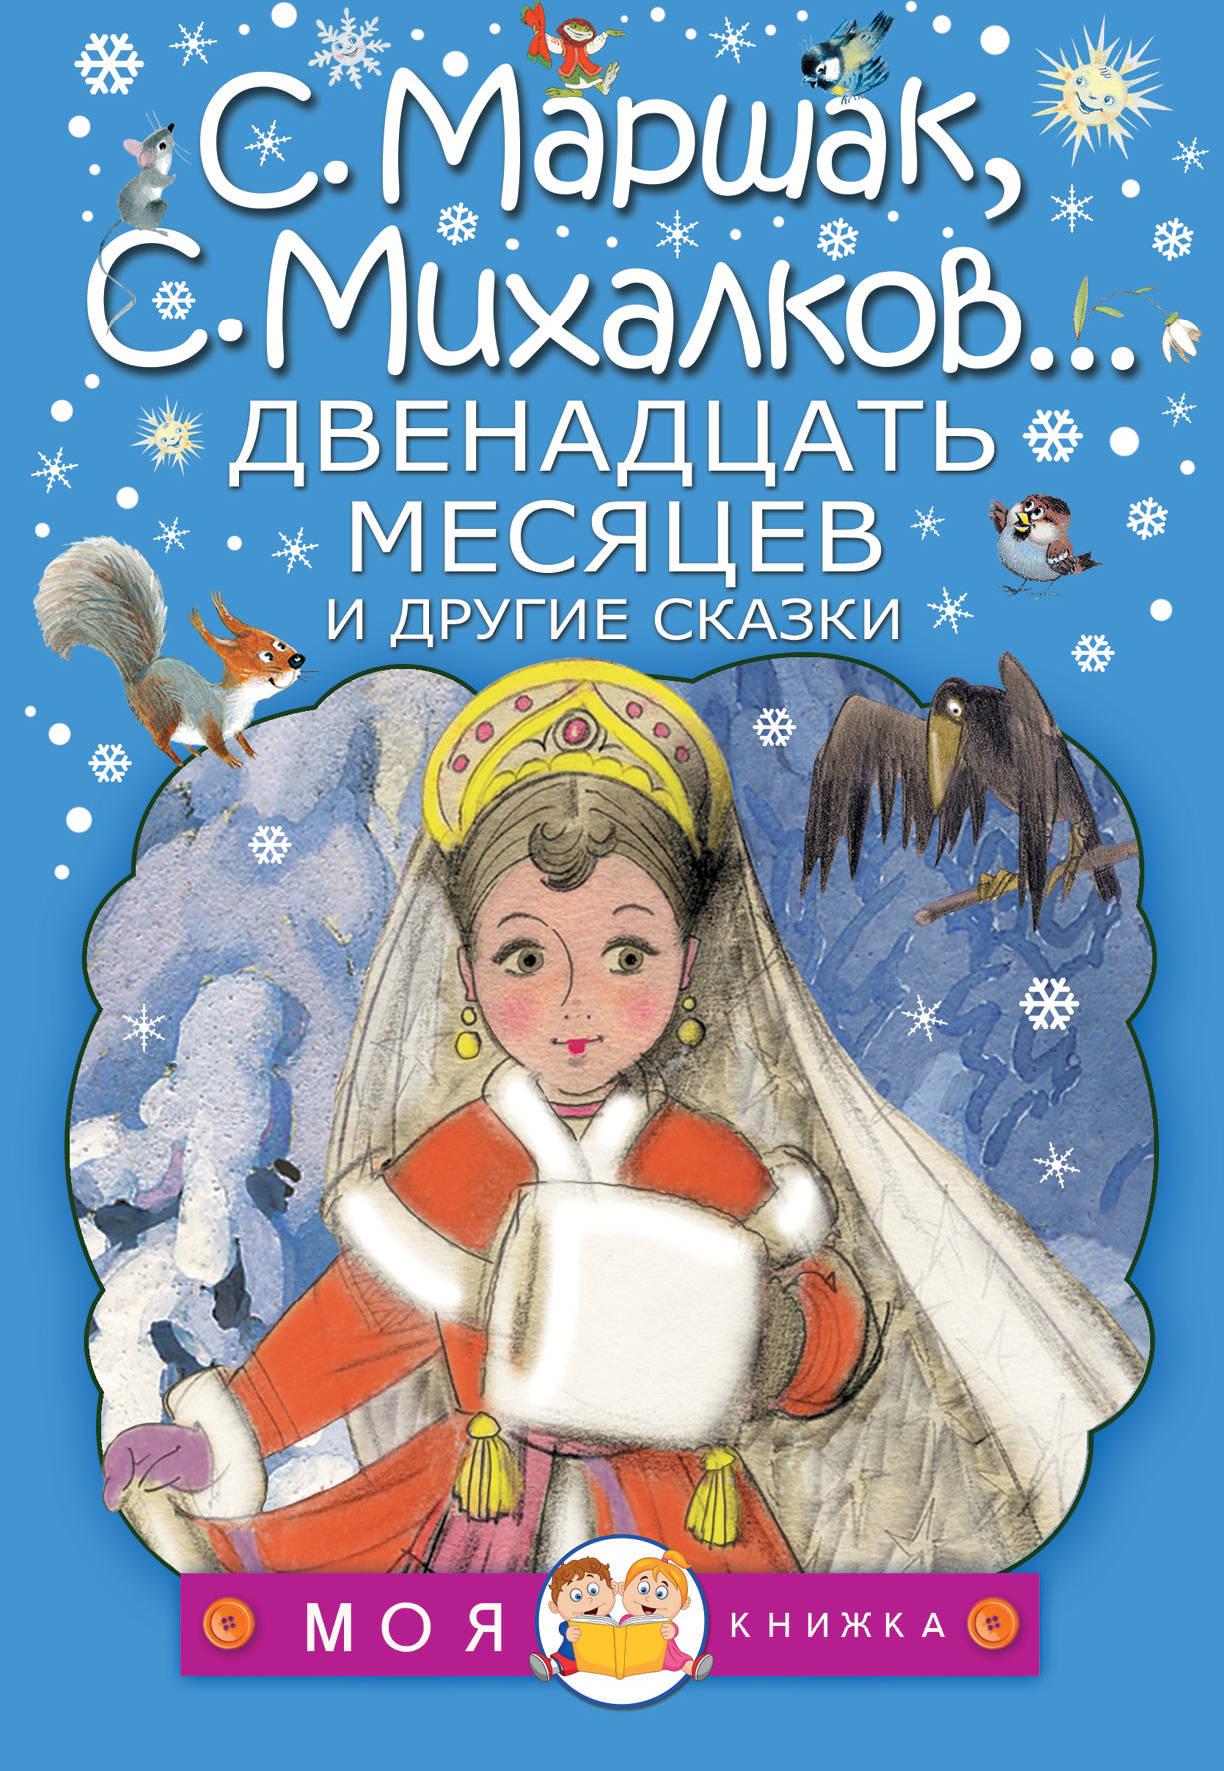 Фото С. Михалков, С. Маршак Двенадцать месяцев и другие сказки. Купить  в РФ